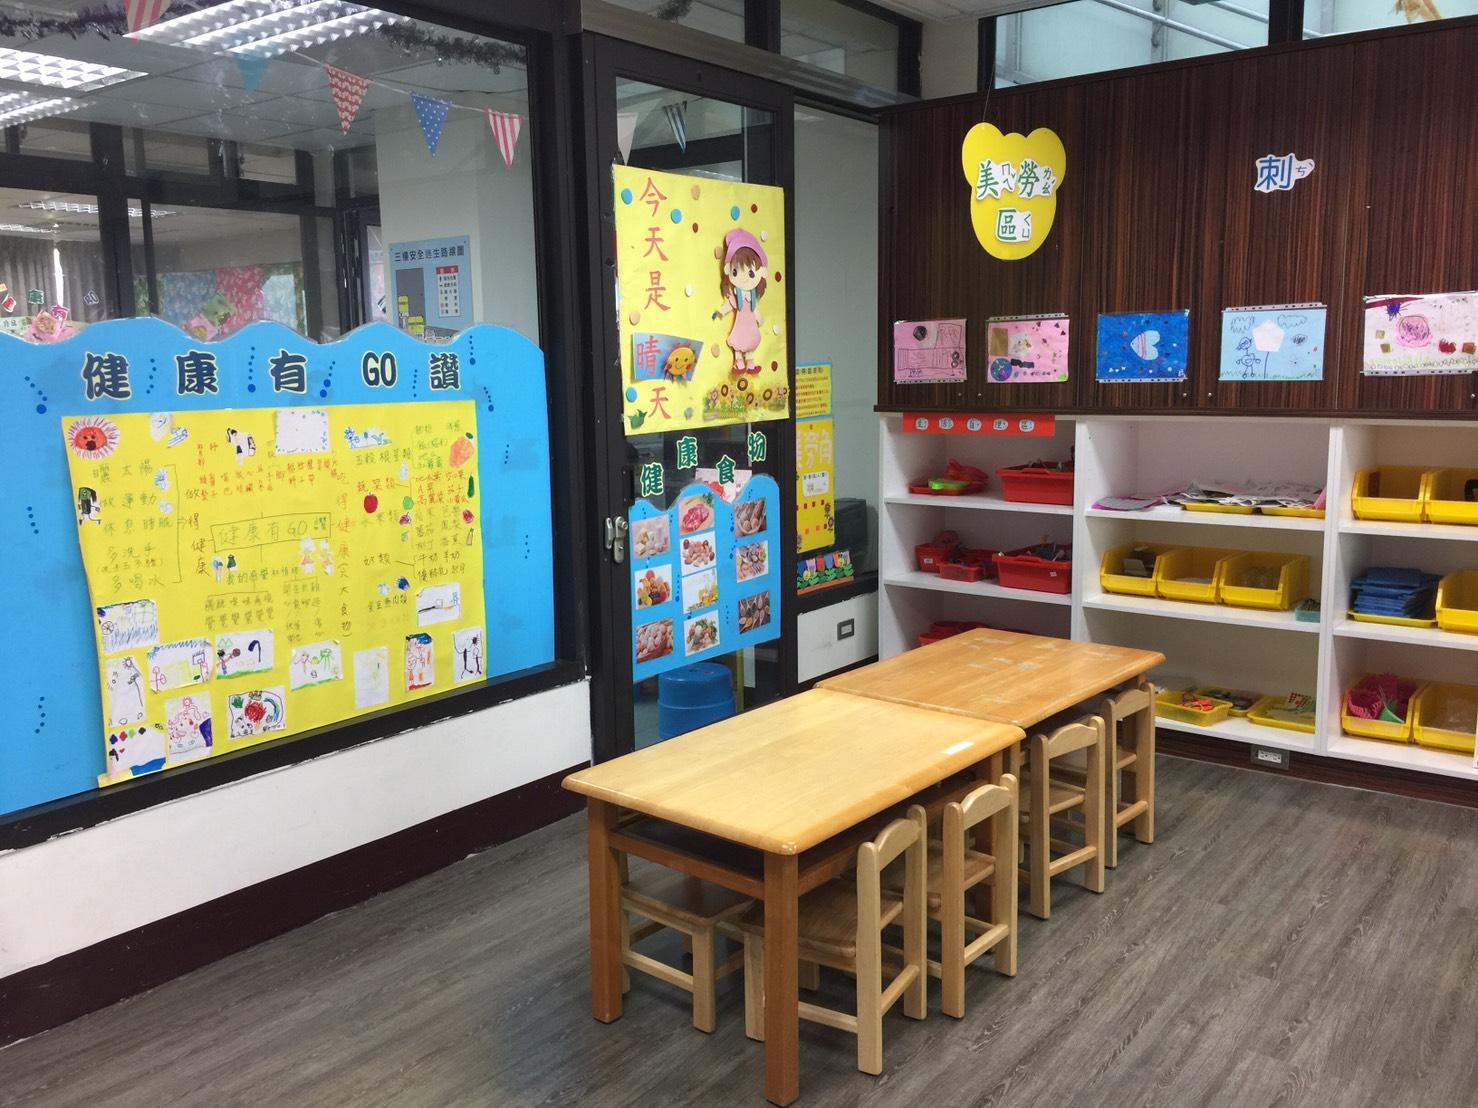 井然有序的教室環境